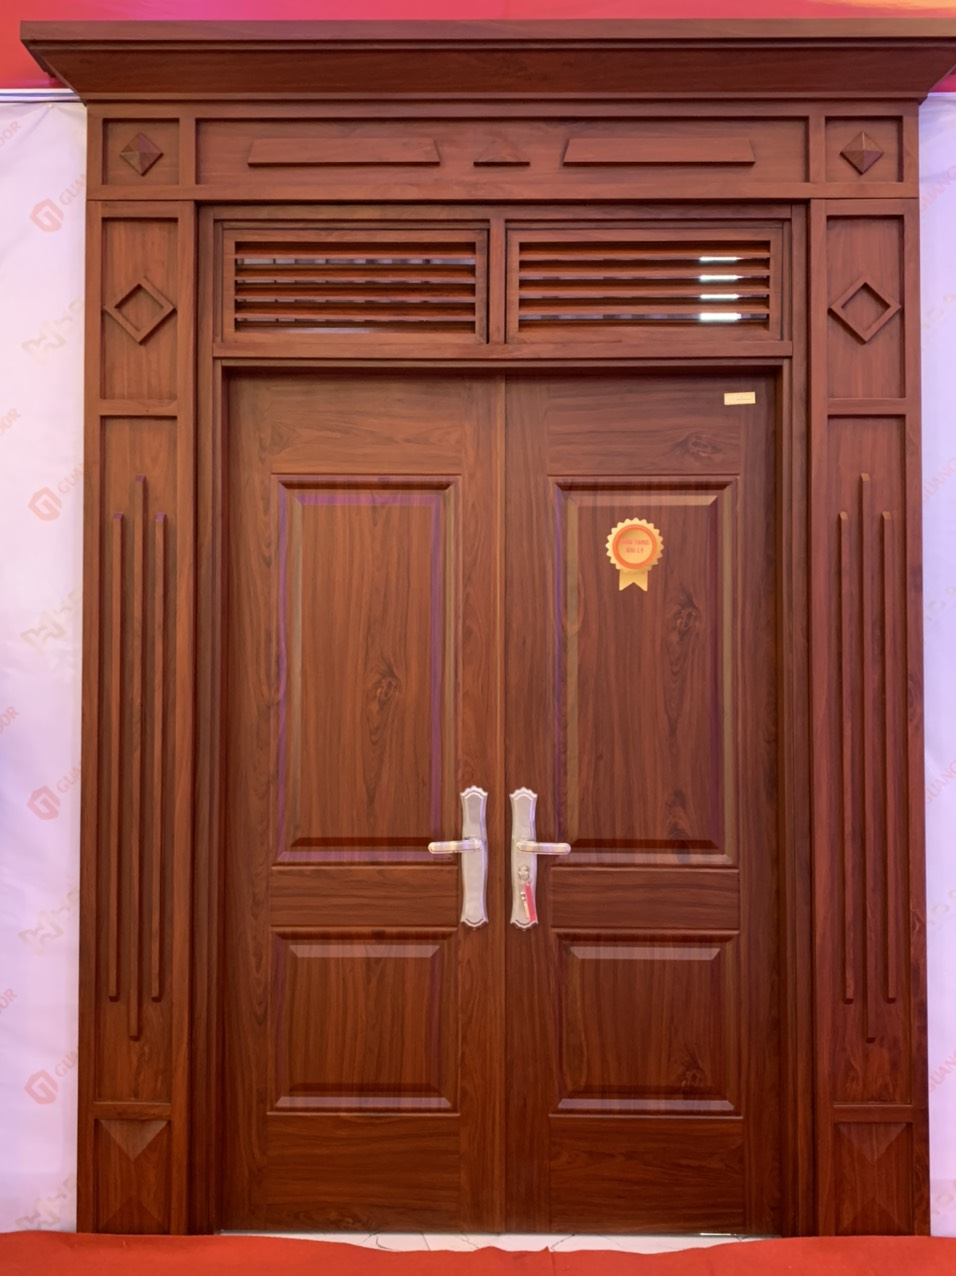 Những ưu điểm cửa thép vân gỗ tại Hải dương?